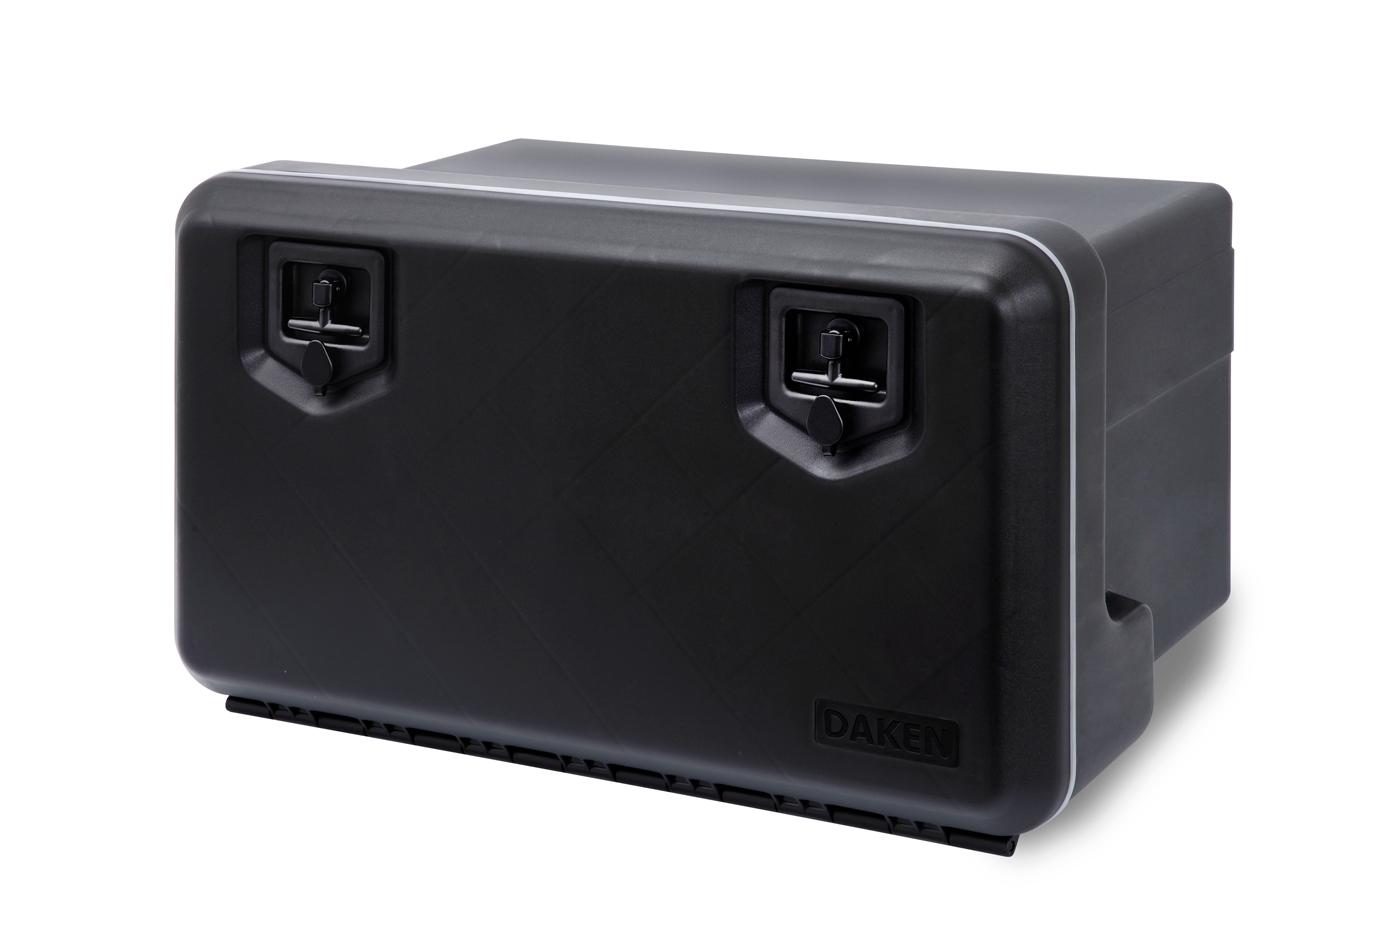 Ящик пластиковый Welwet (Daken) 81006